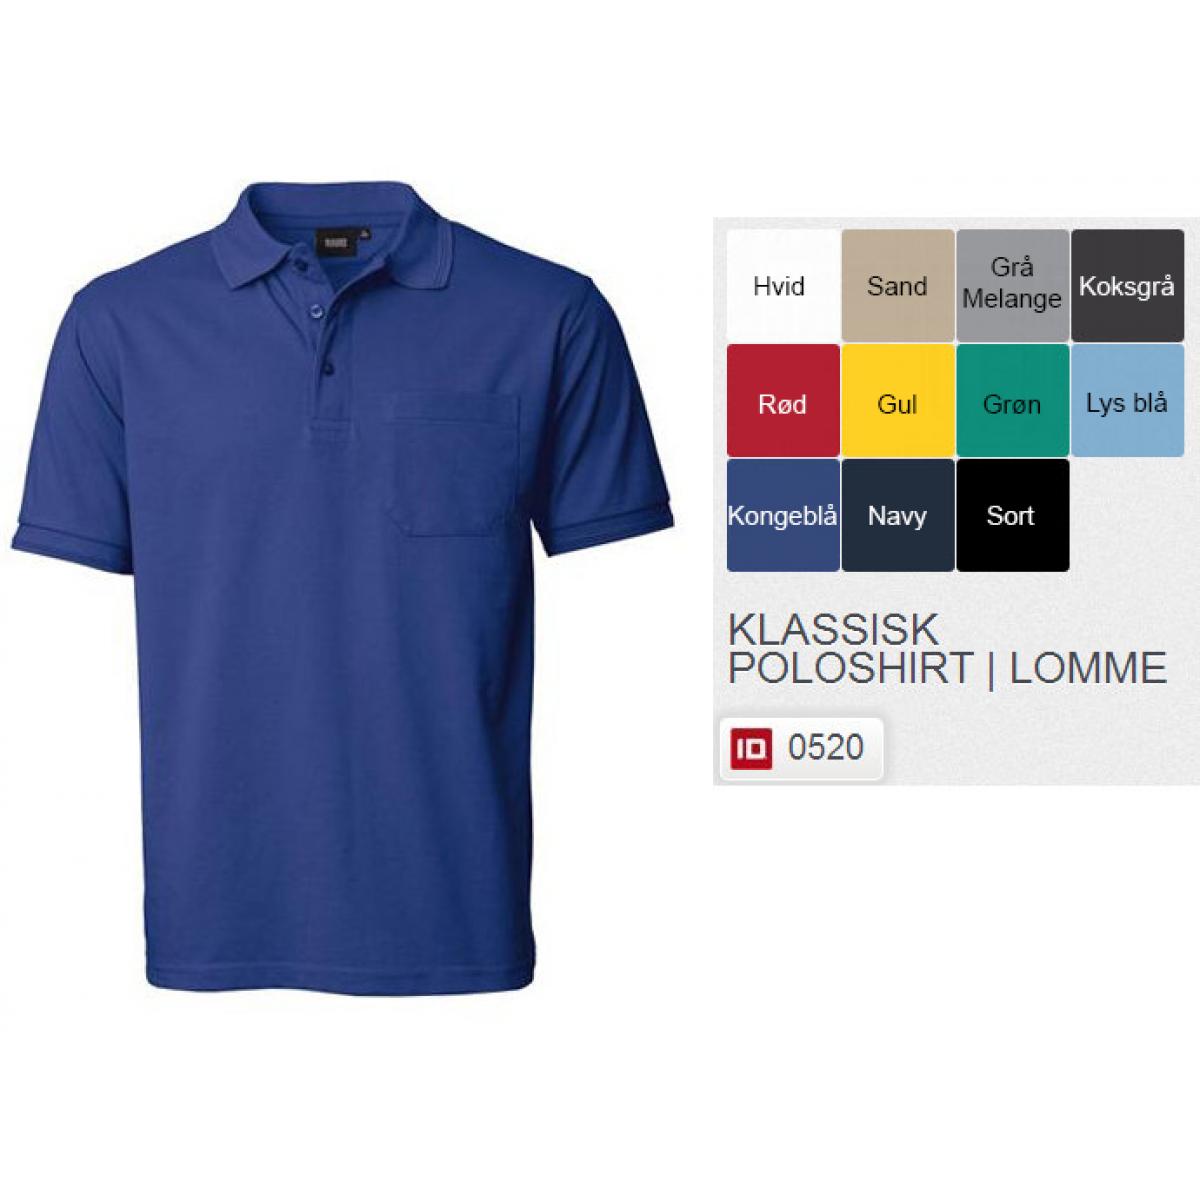 Klassisk Poloshirt-31